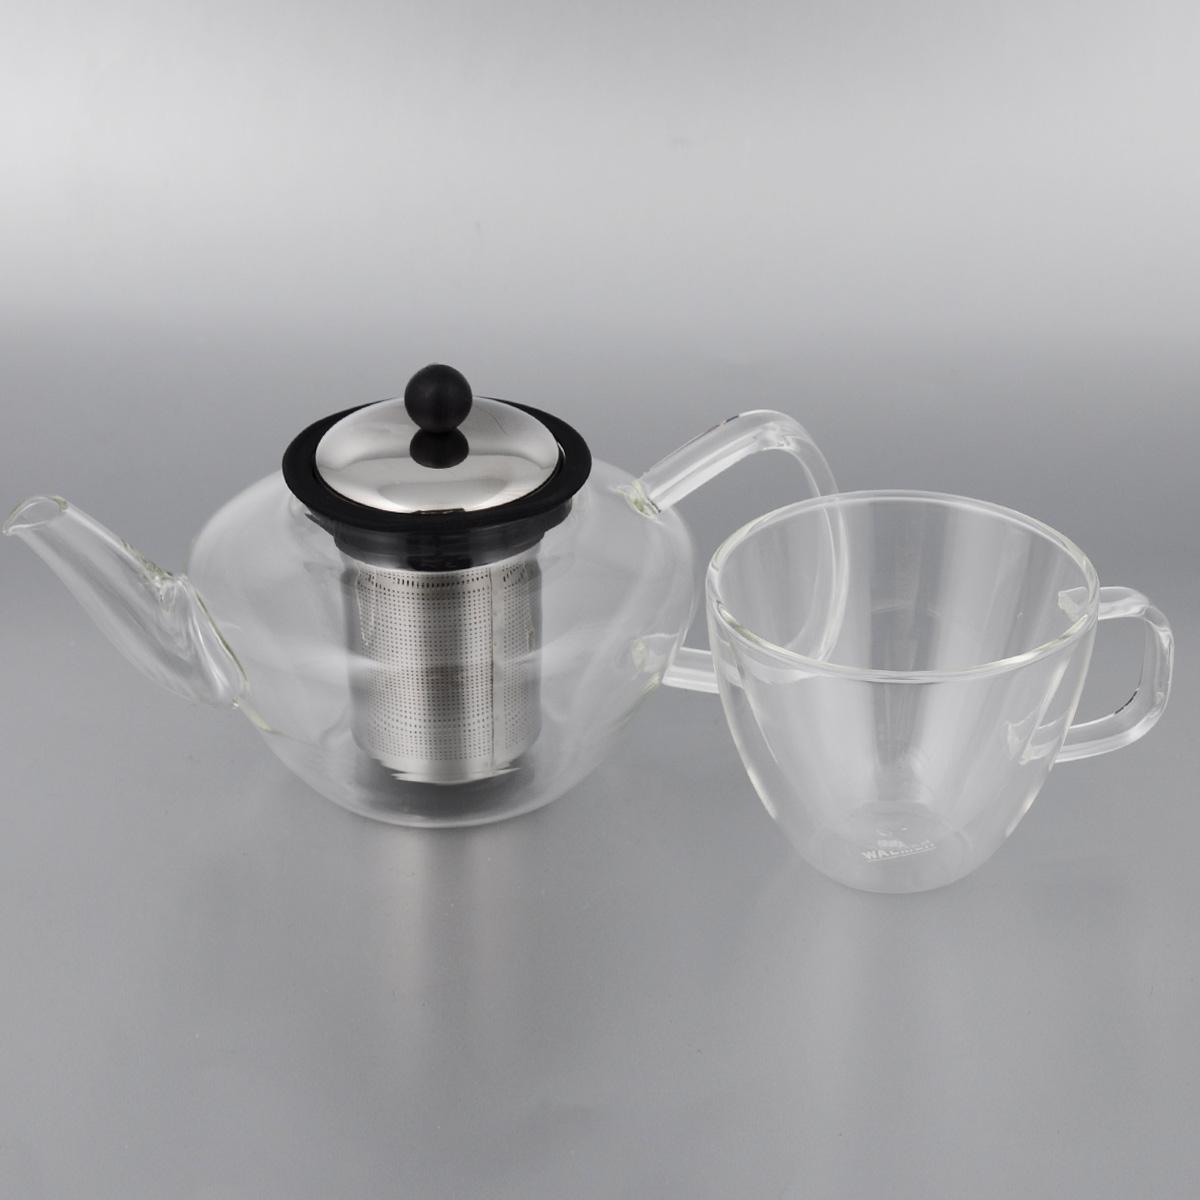 Набор чайный Walmer Lord, 2 предметаW03101060Чайный набор Walmer Lord состоит из кружки и заварного чайника, выполненных из высококачественного стекла, пластика и стали. Элегантный набор придется по вкусу и ценителям классики, и тем, кто предпочитает утонченность и изысканность. Он настроит на позитивный лад и подарит хорошее настроение с самого утра. Чайный набор Walmer Lord идеально подойдет для сервировки стола и станет отличным подарком к любому празднику. Можно мыть в посудомоечной машине. Объем кружки: 250 мл. Диаметр кружки (по верхнему краю): 10 см. Высота кружки: 8,5 см. Объем чайника: 600 мл. Диаметр чайника (по верхнему краю): 7,5 см. Высота чайника (без учета крышки): 10,5 см.